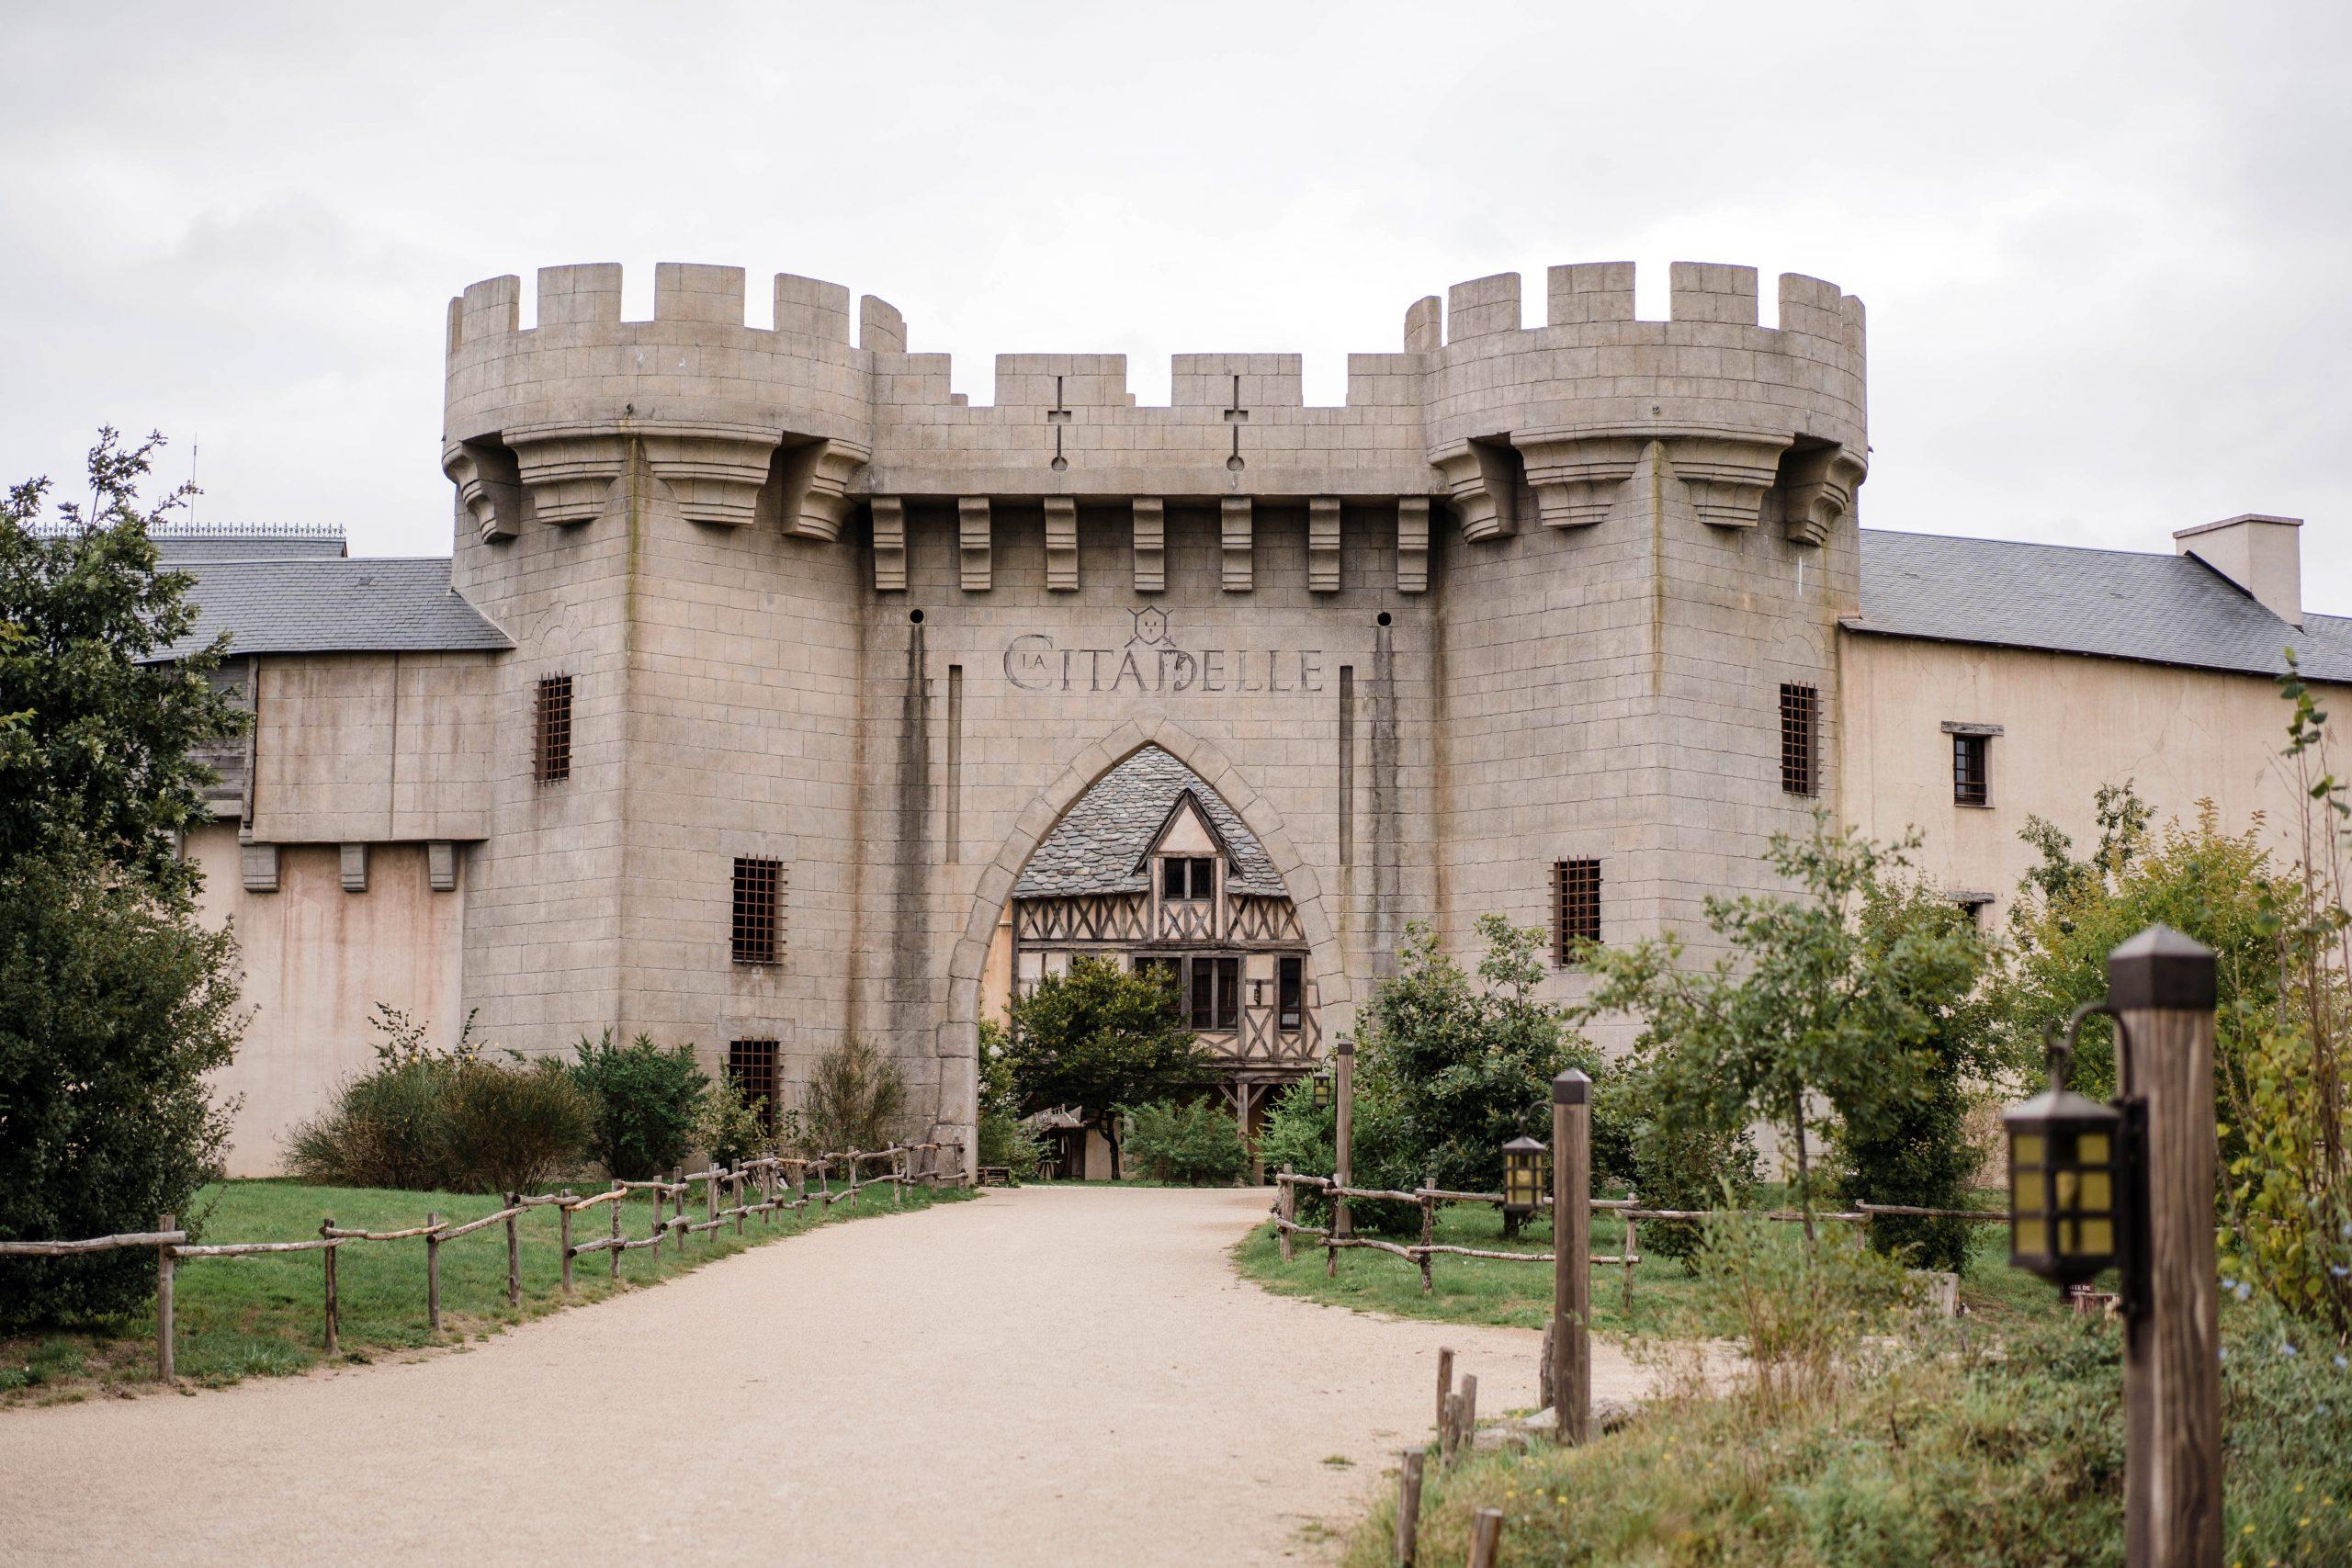 Citadelle Puy du Fou @Boussole Magique